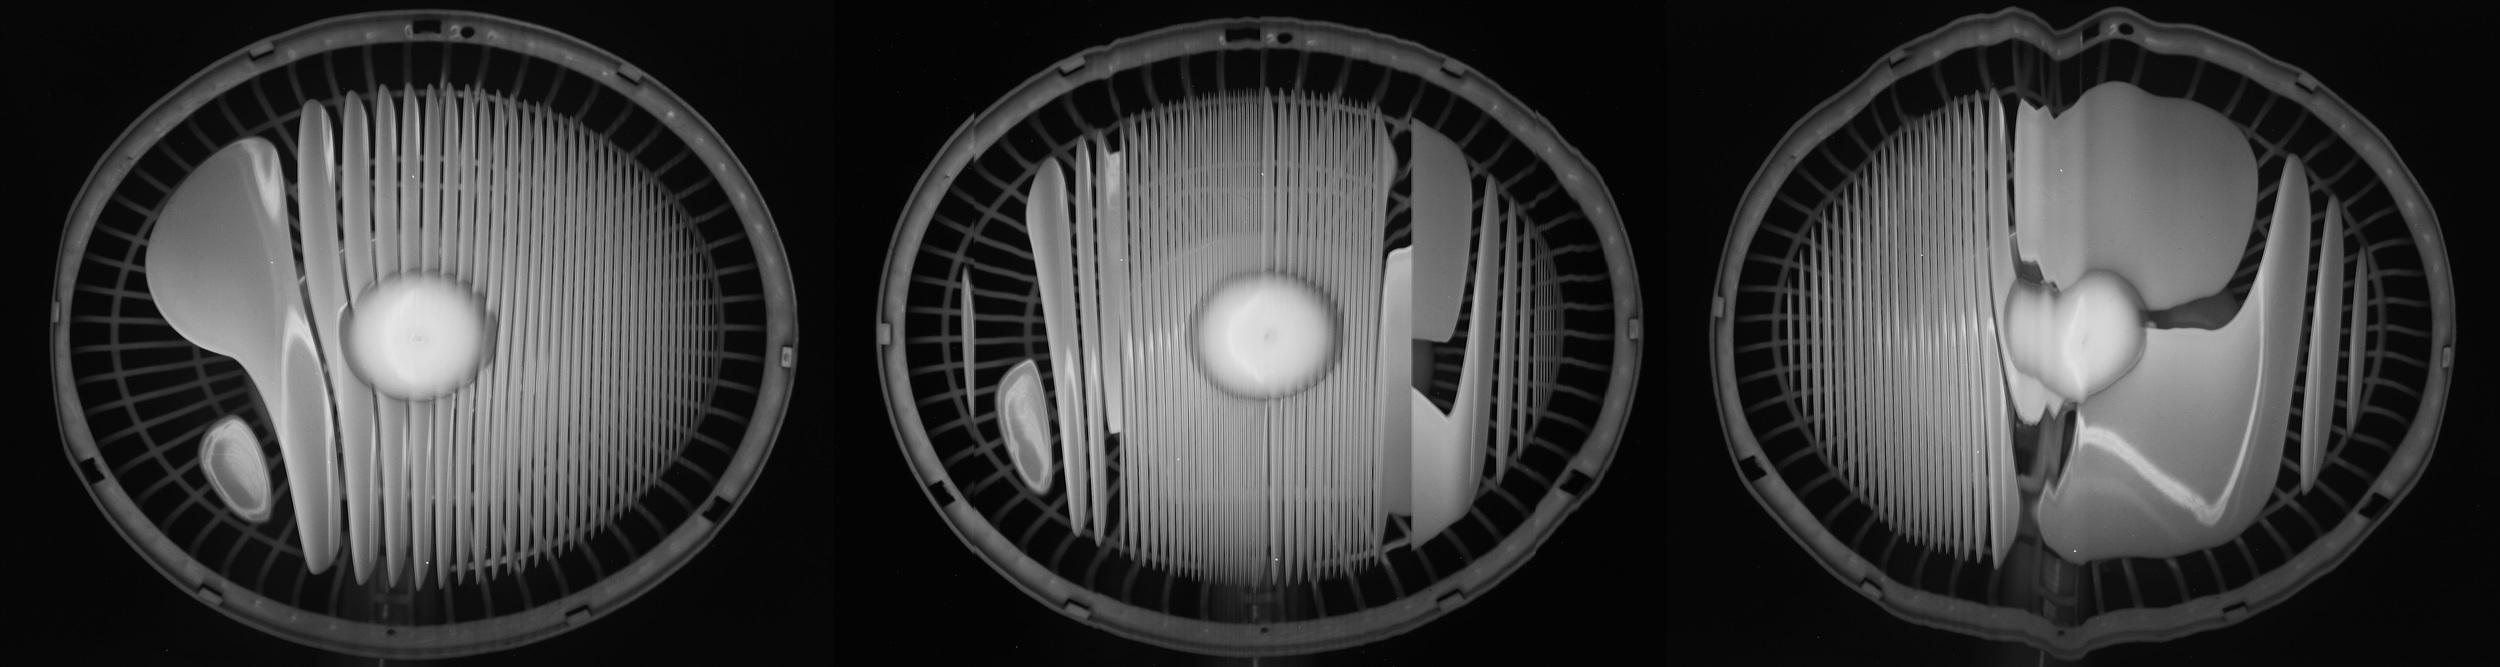 Marcel Duchamp's Biggest Fans (2015)  Electric Fan scanned using a Canoscan 3200F.